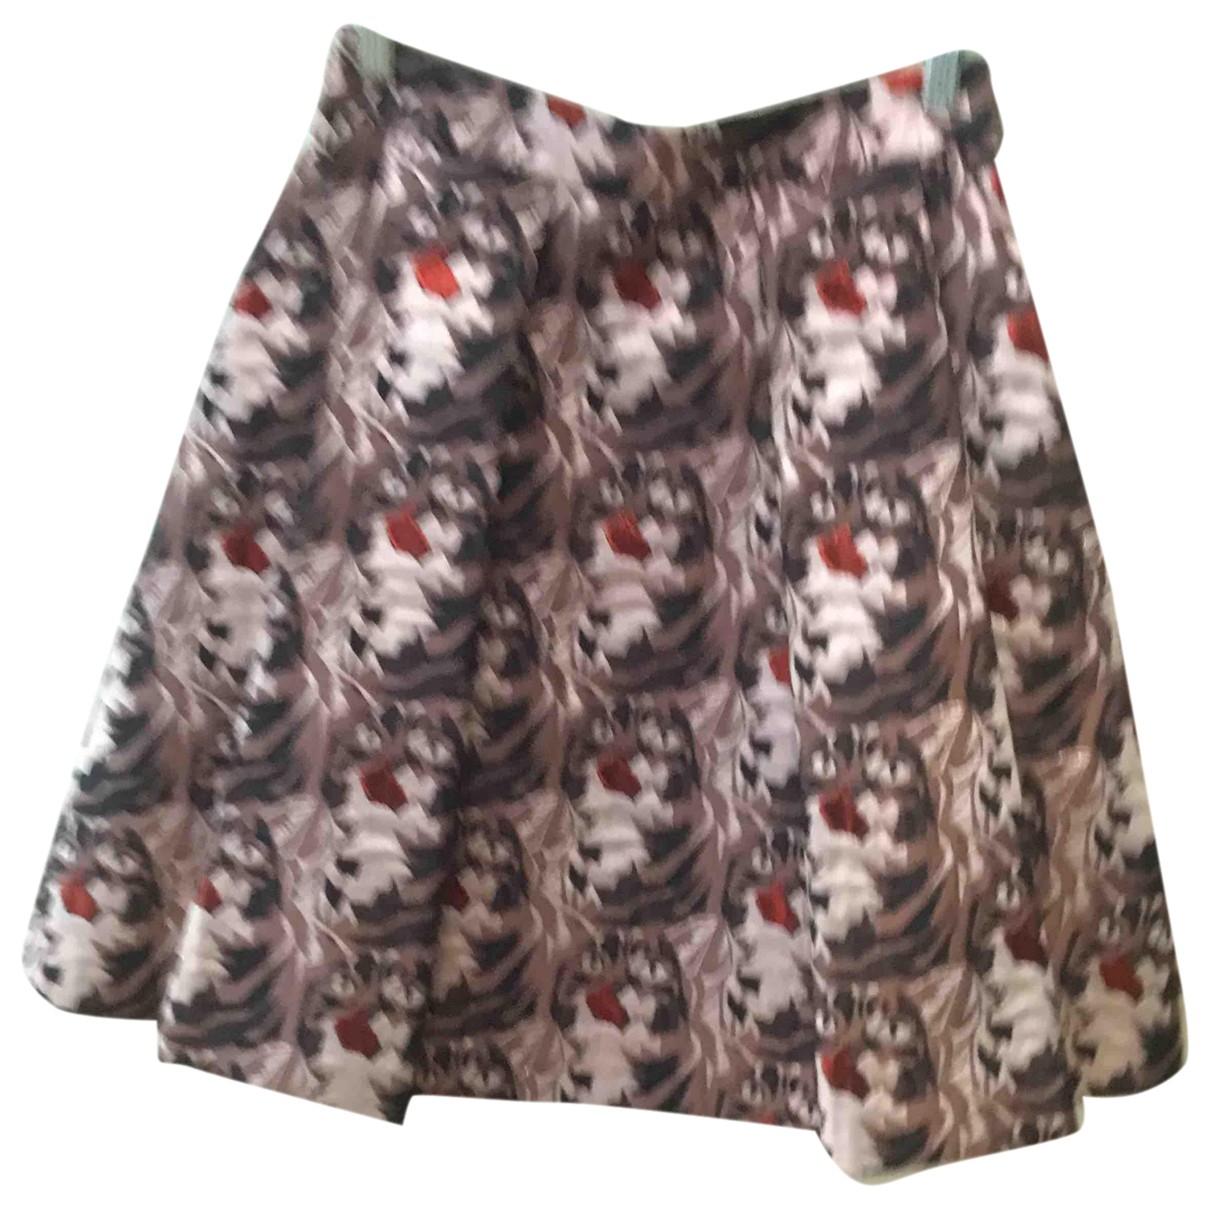 Hugo Boss \N Pink skirt for Women 38 FR